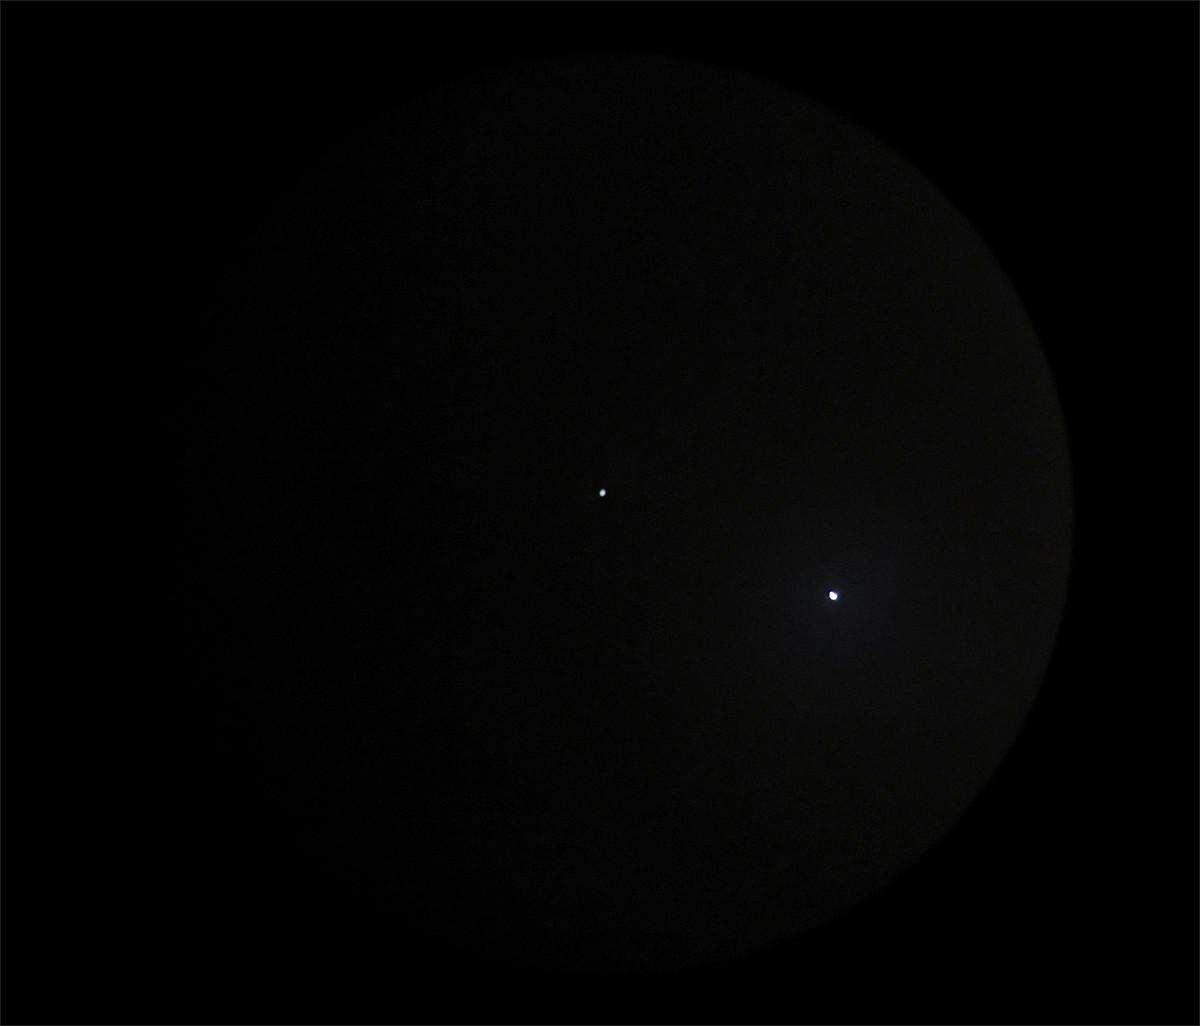 金星合木星